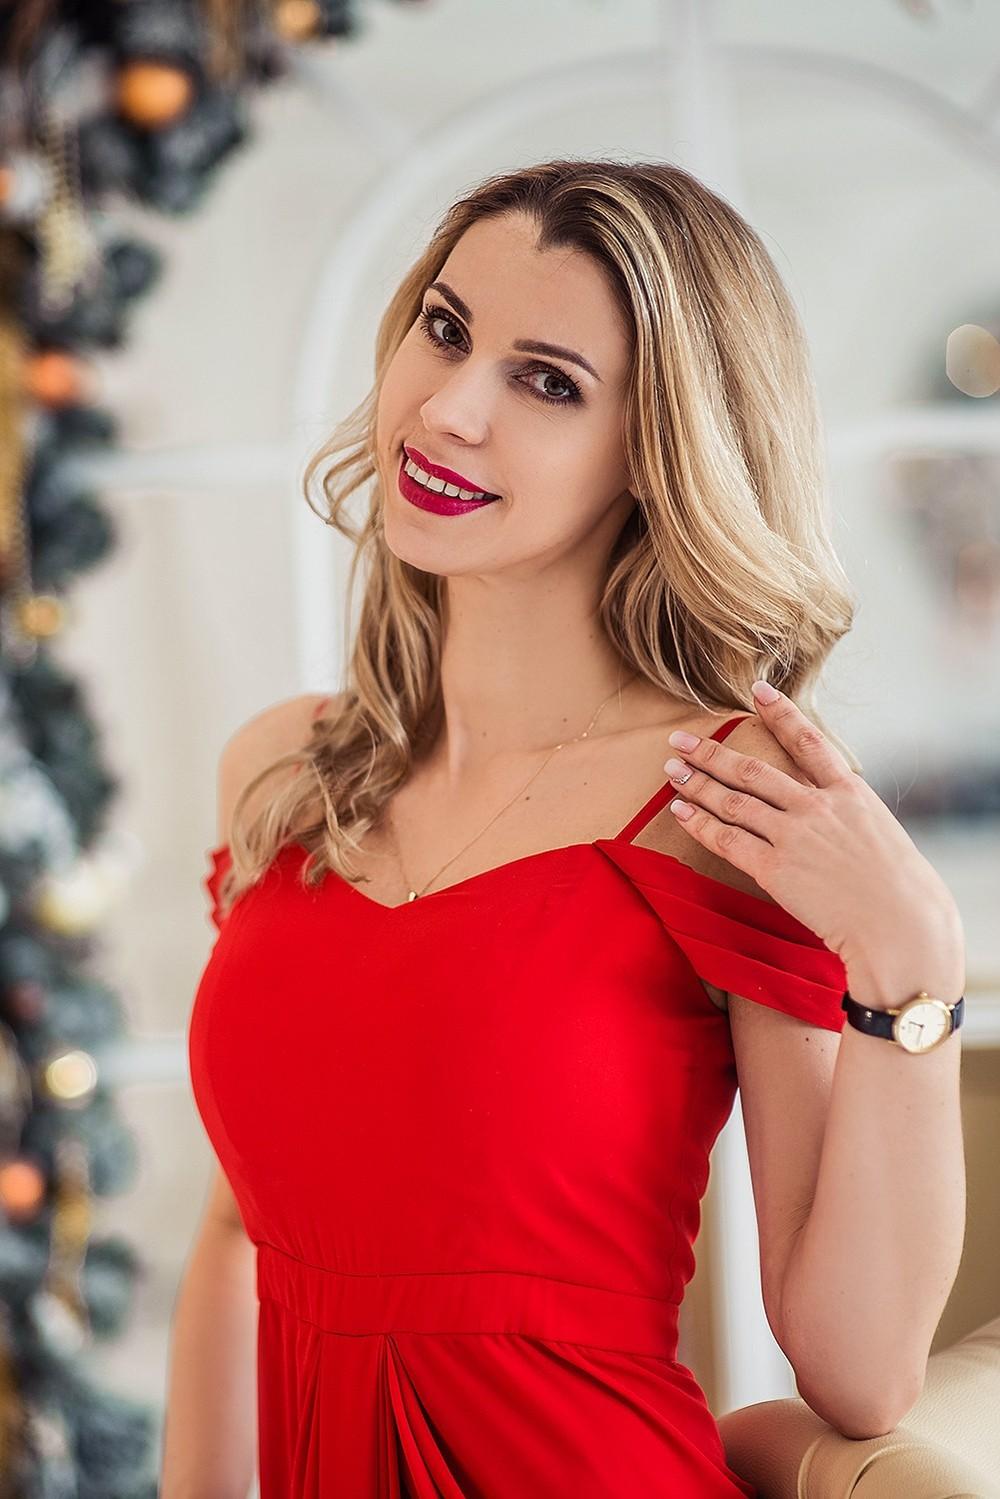 Женские портреты - Светлана